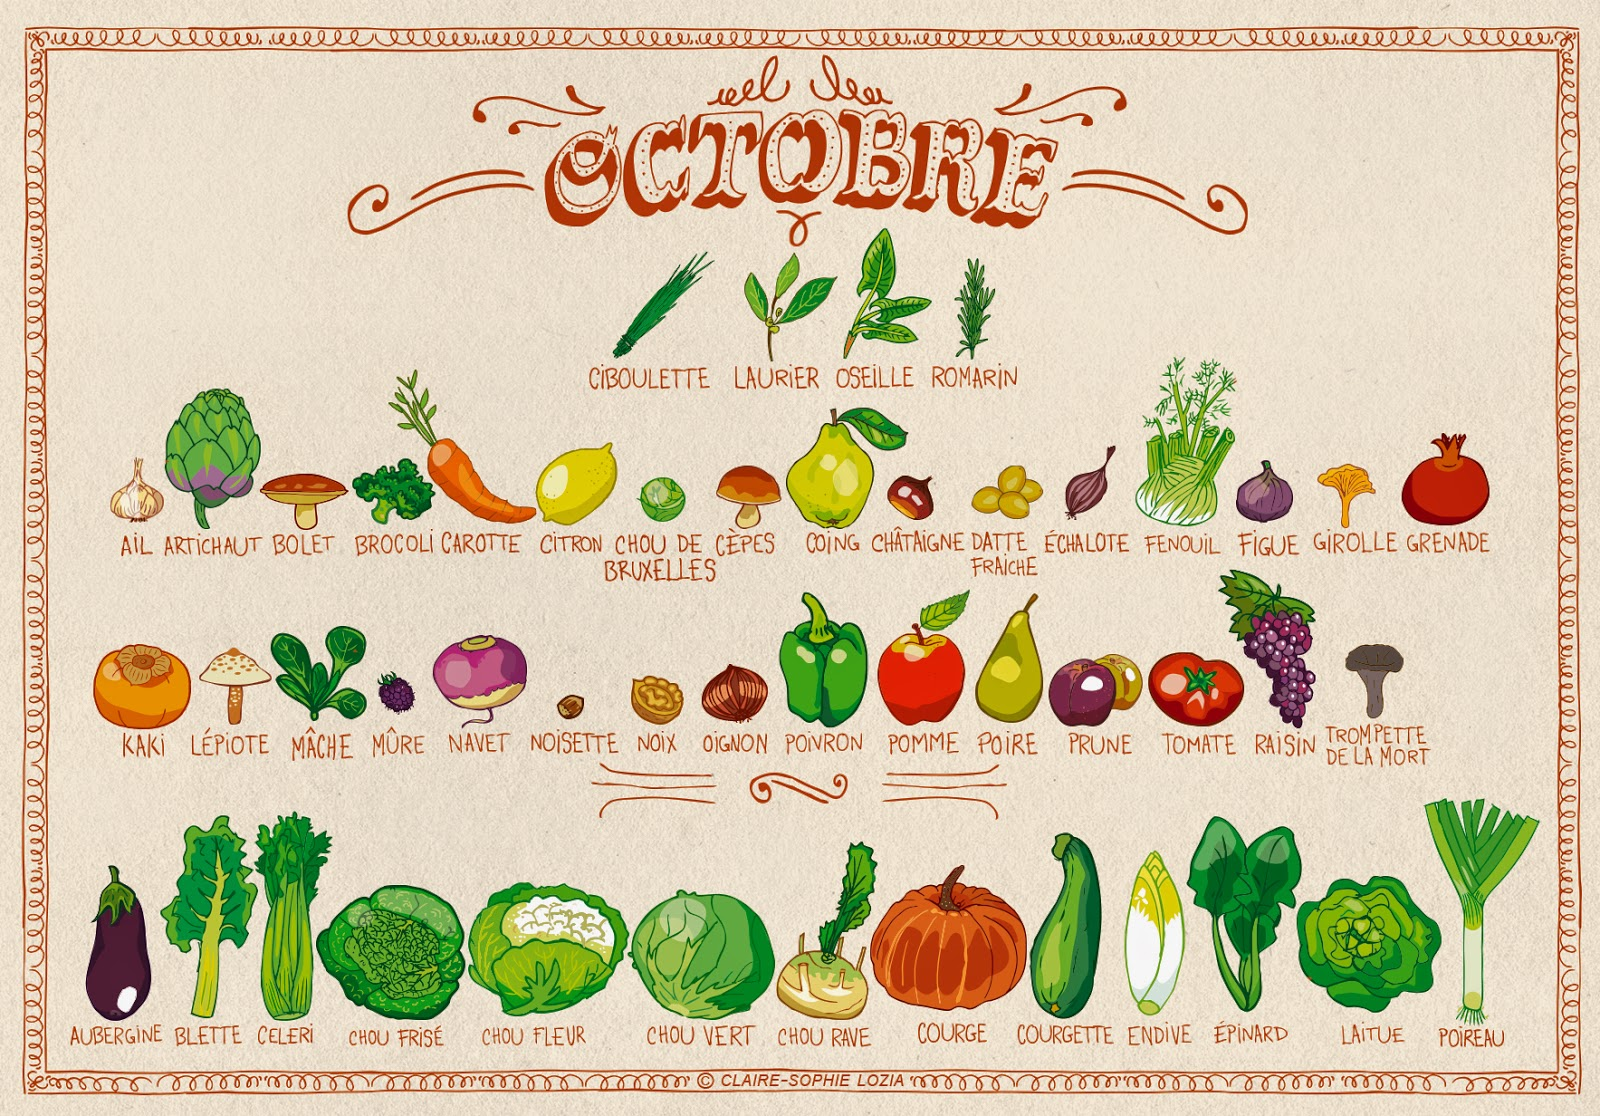 Calendrier fruits et légumes de octobre